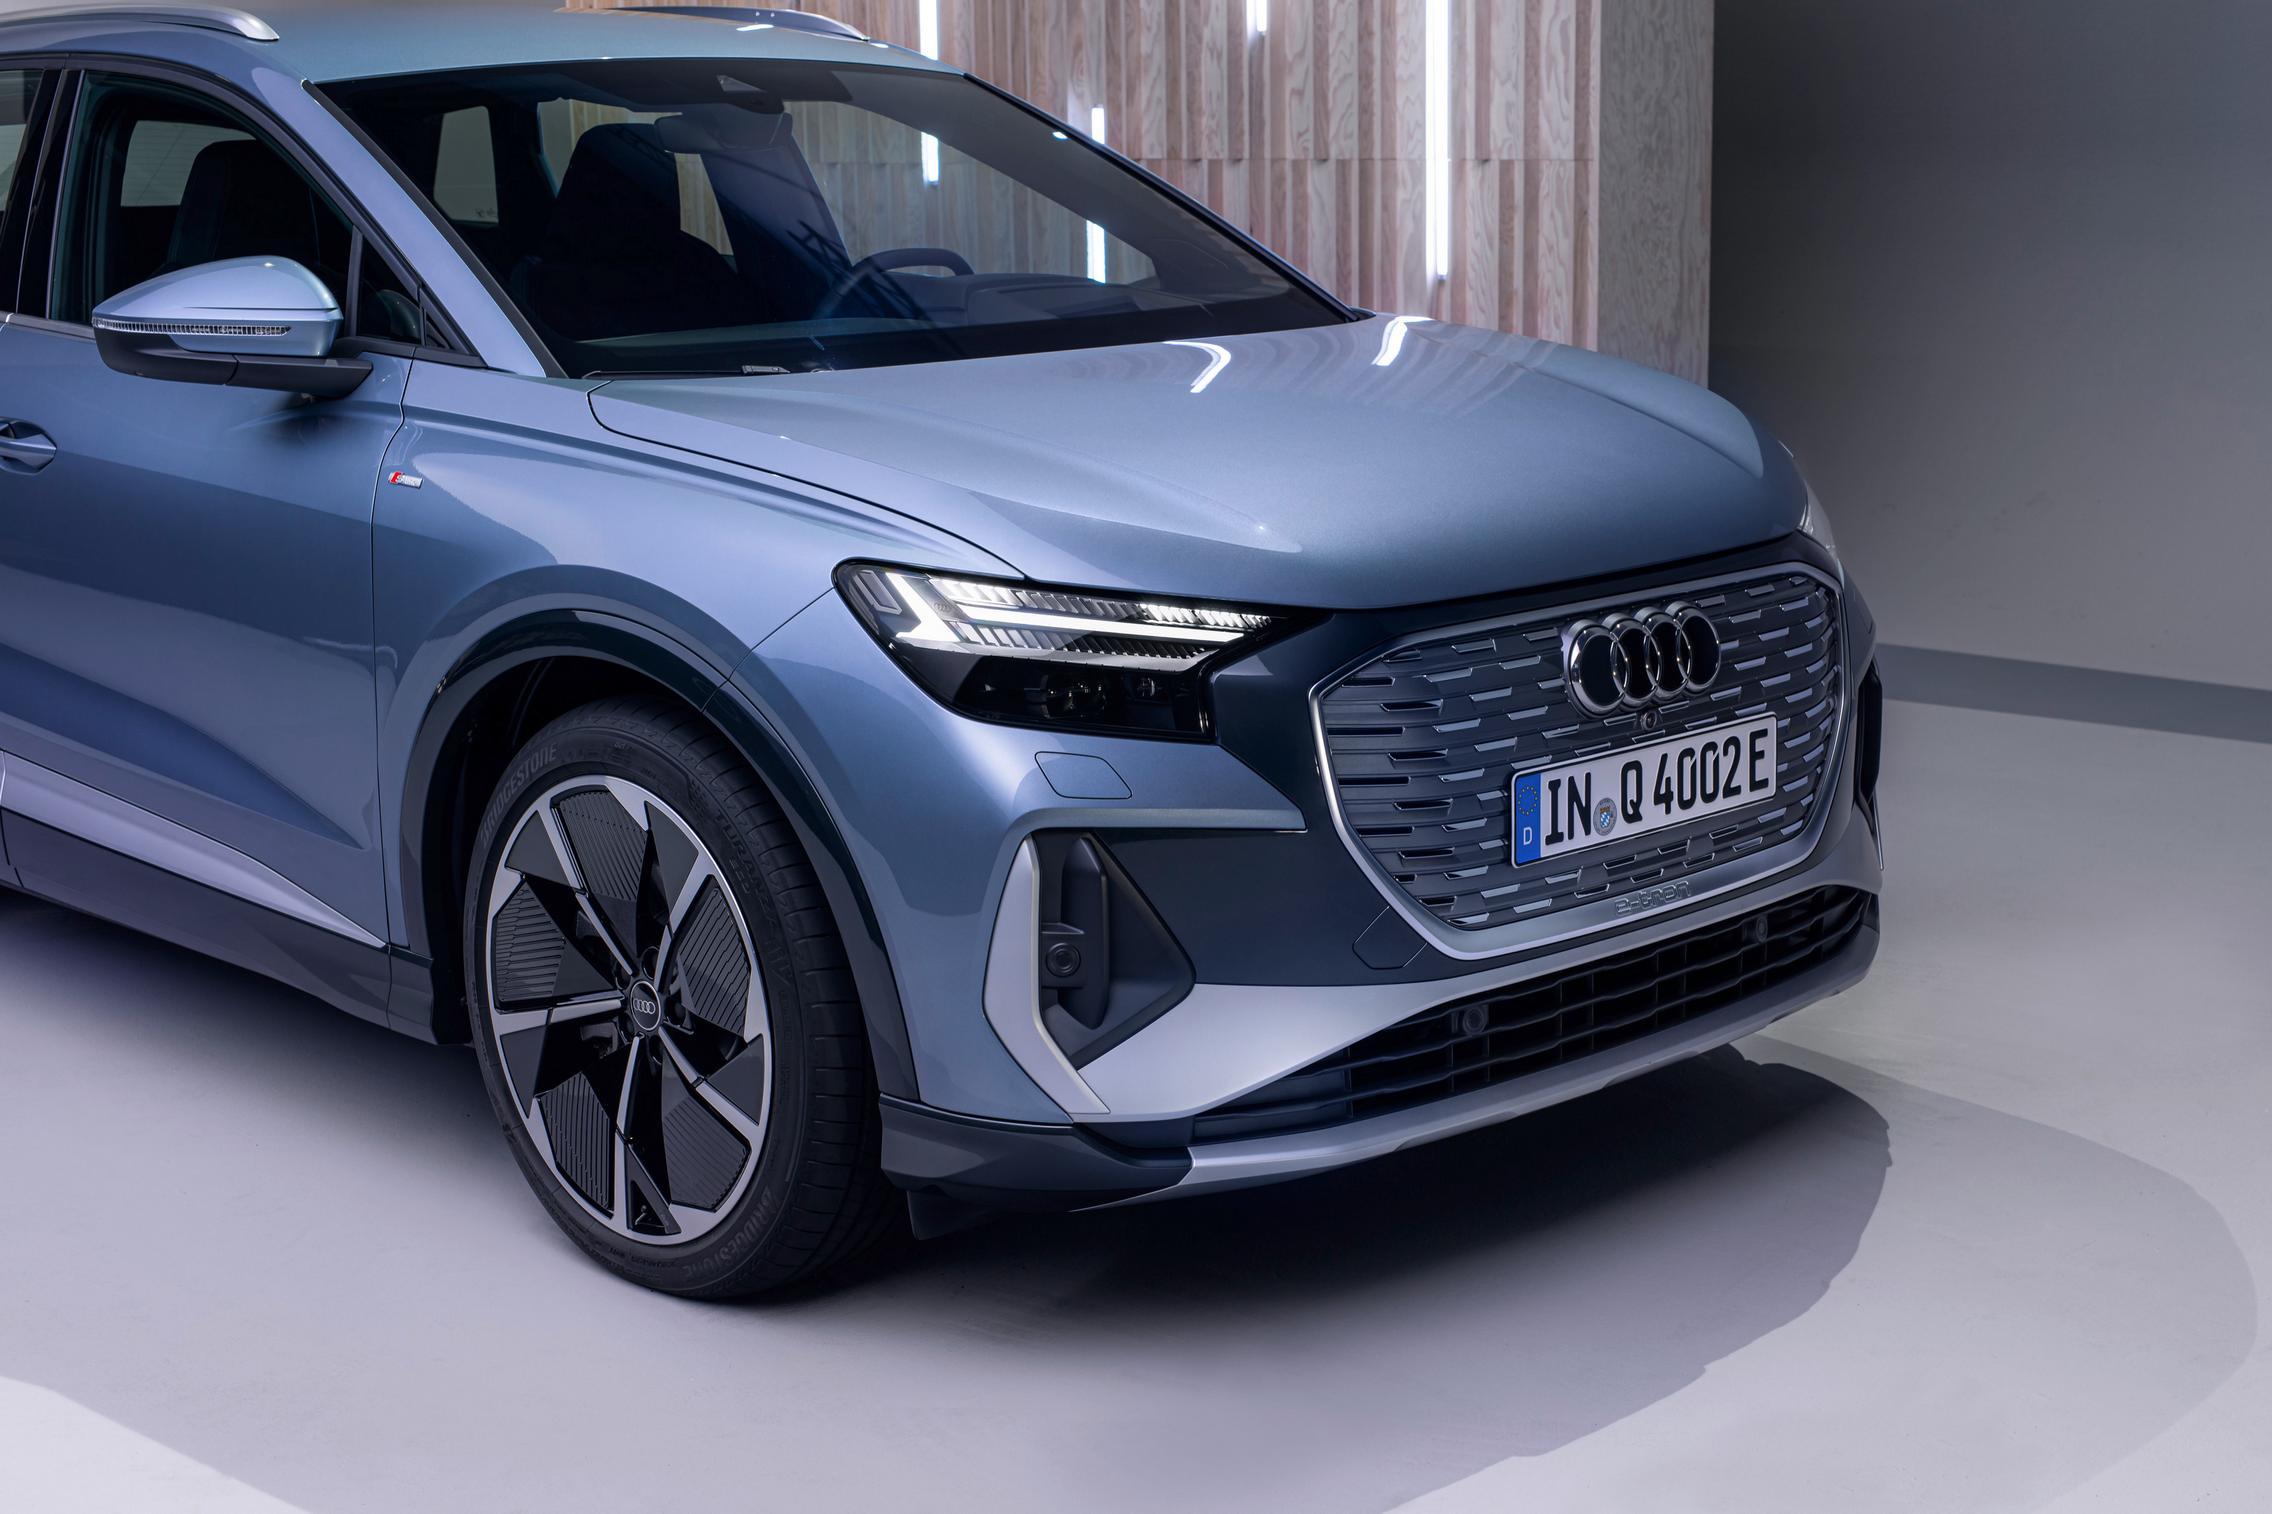 Audi Q4 50 e-tron front